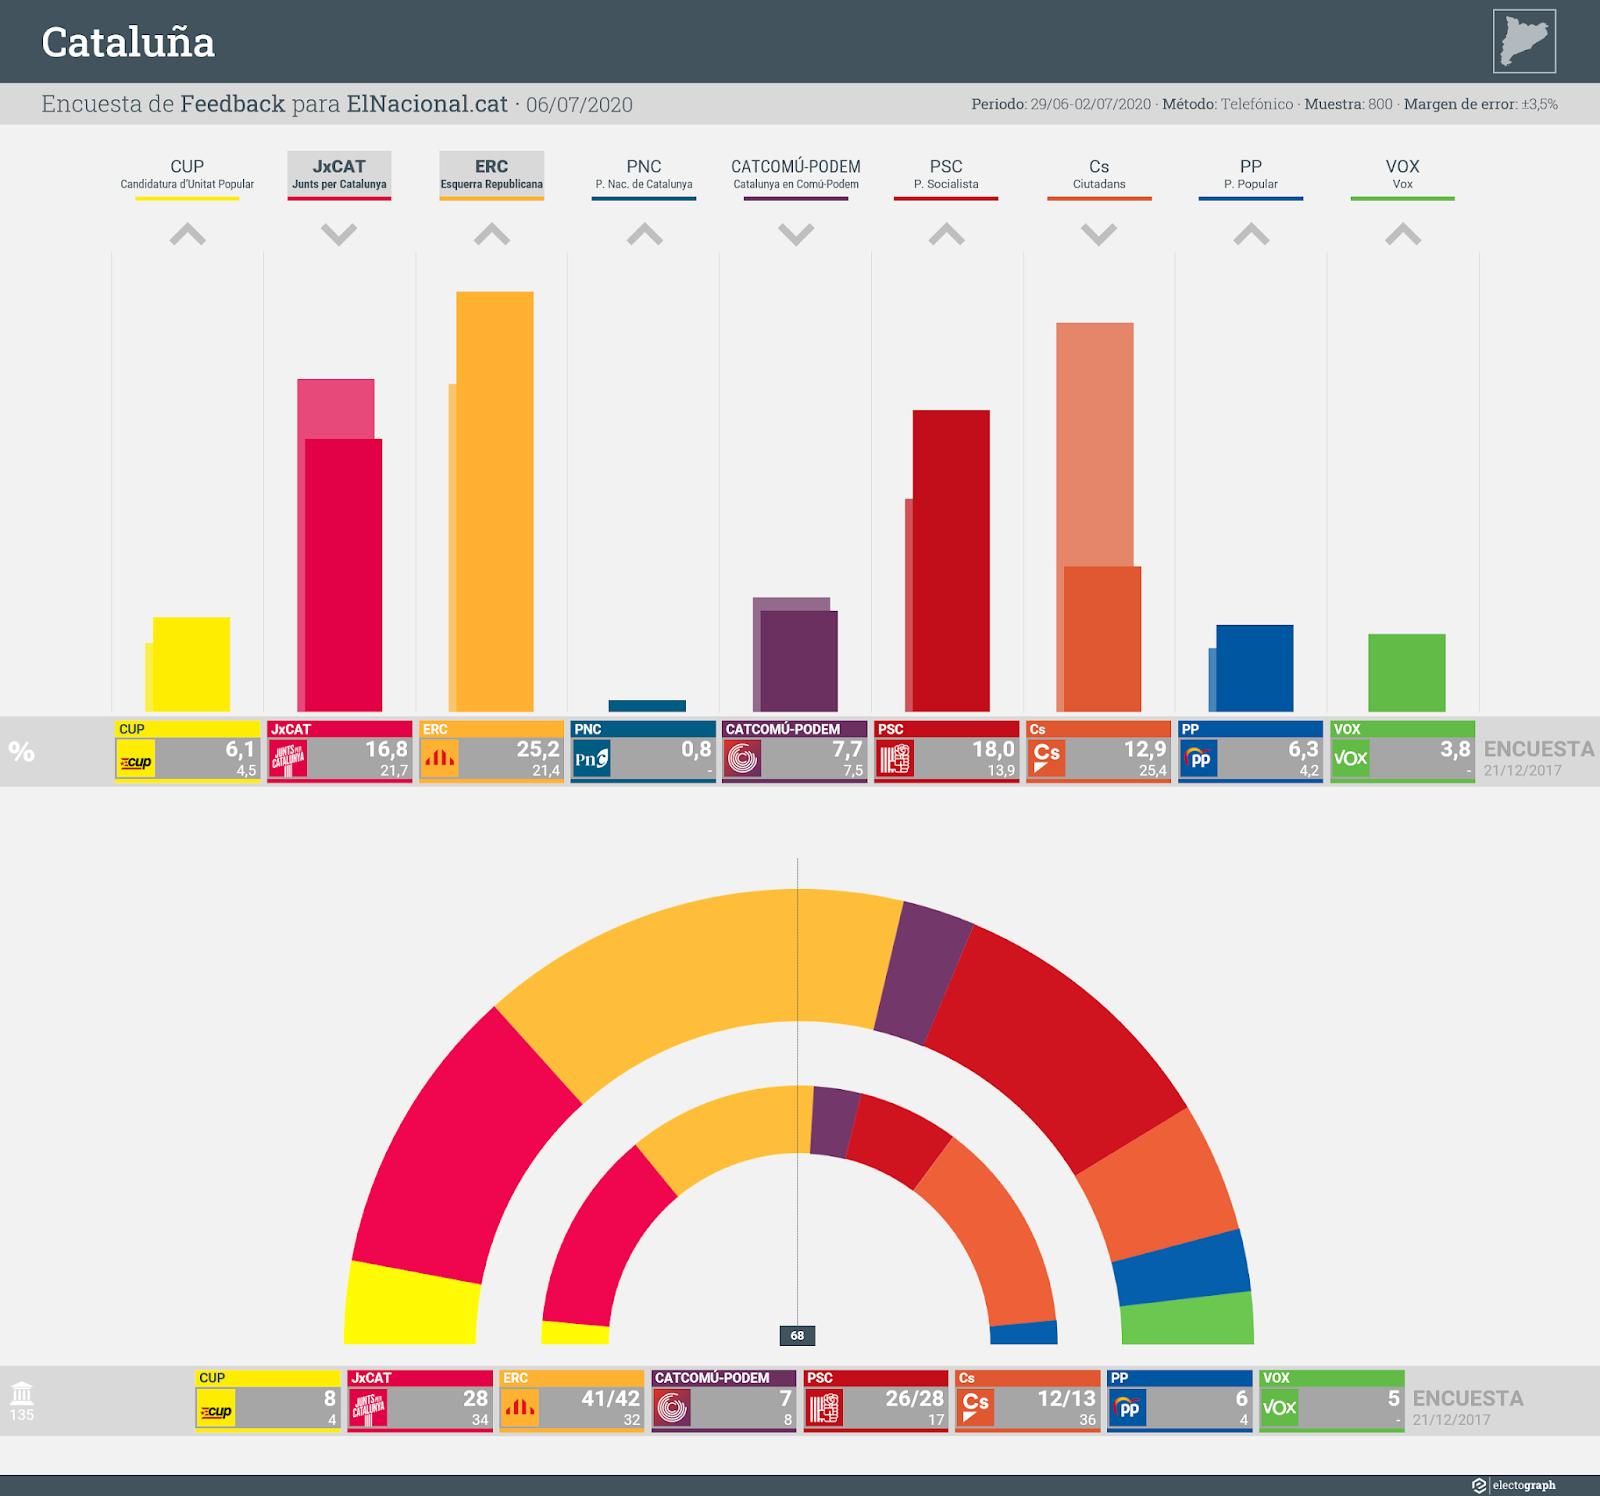 Gráfico de la encuesta para elecciones autonómicas en Cataluña realizada por Feedback para ElNacional.cat, 6 de julio de 2020